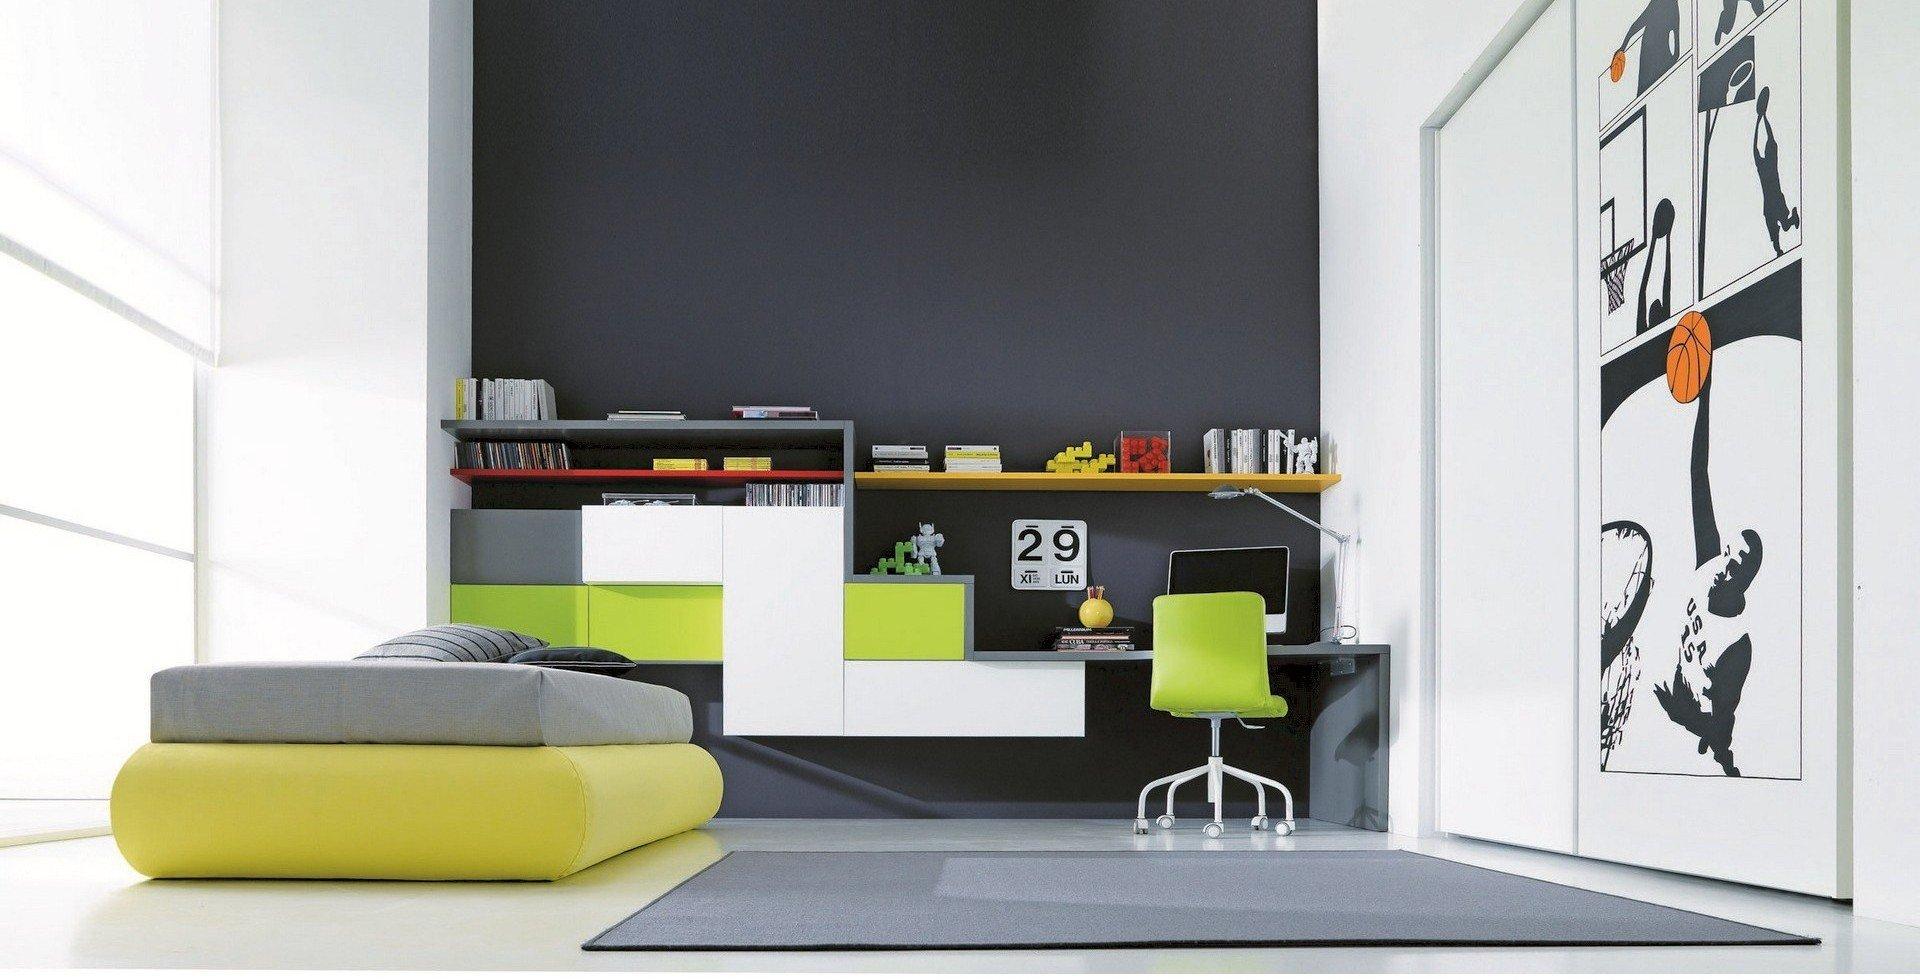 Camerette Per Neonati Outlet : Camerette neonati prezzi bassi 👪 classifica migliori camerette